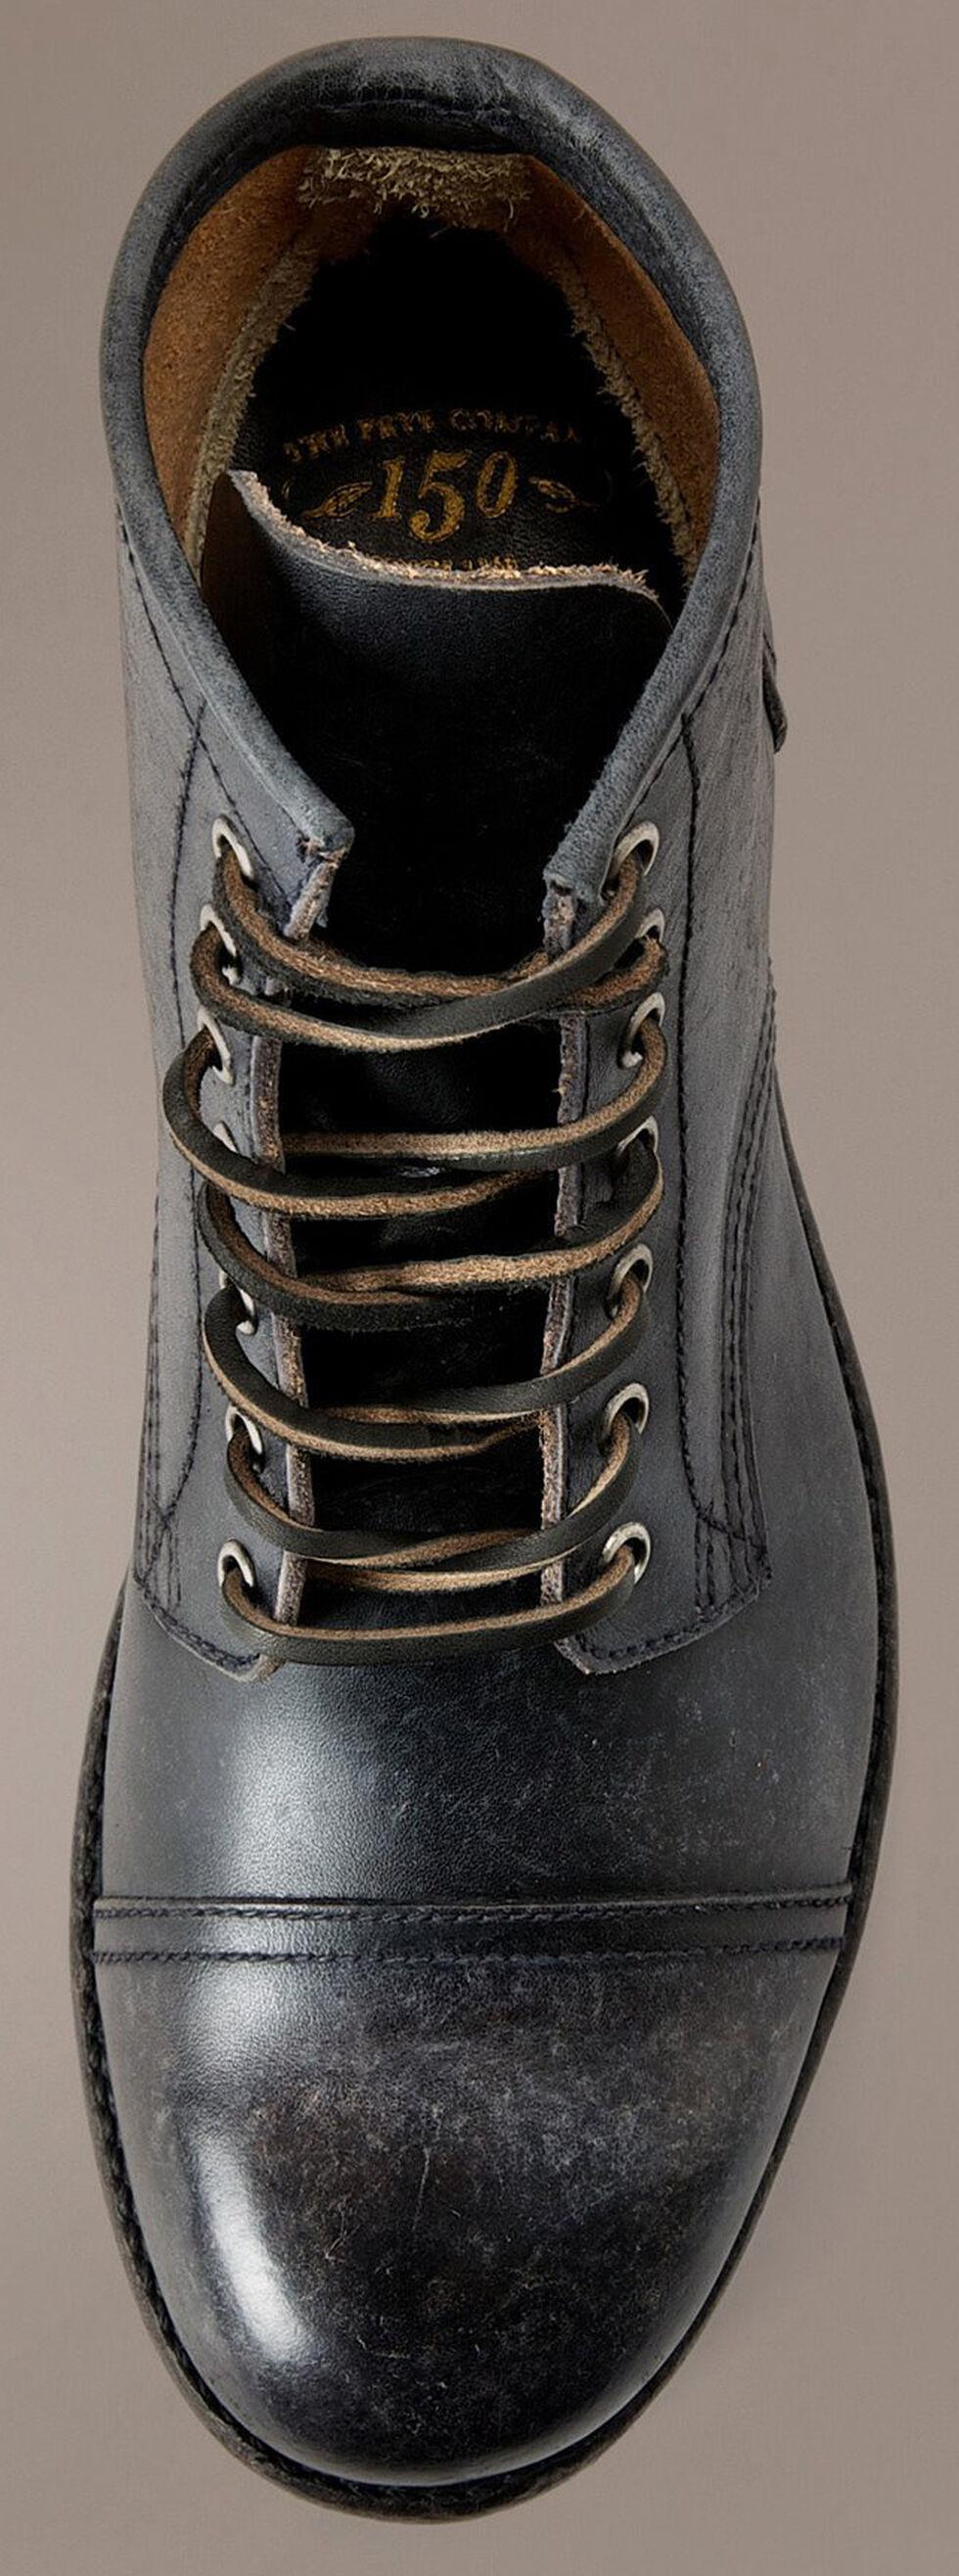 Frye Logan Cap Toe Lace Up Boots, Black, hi-res